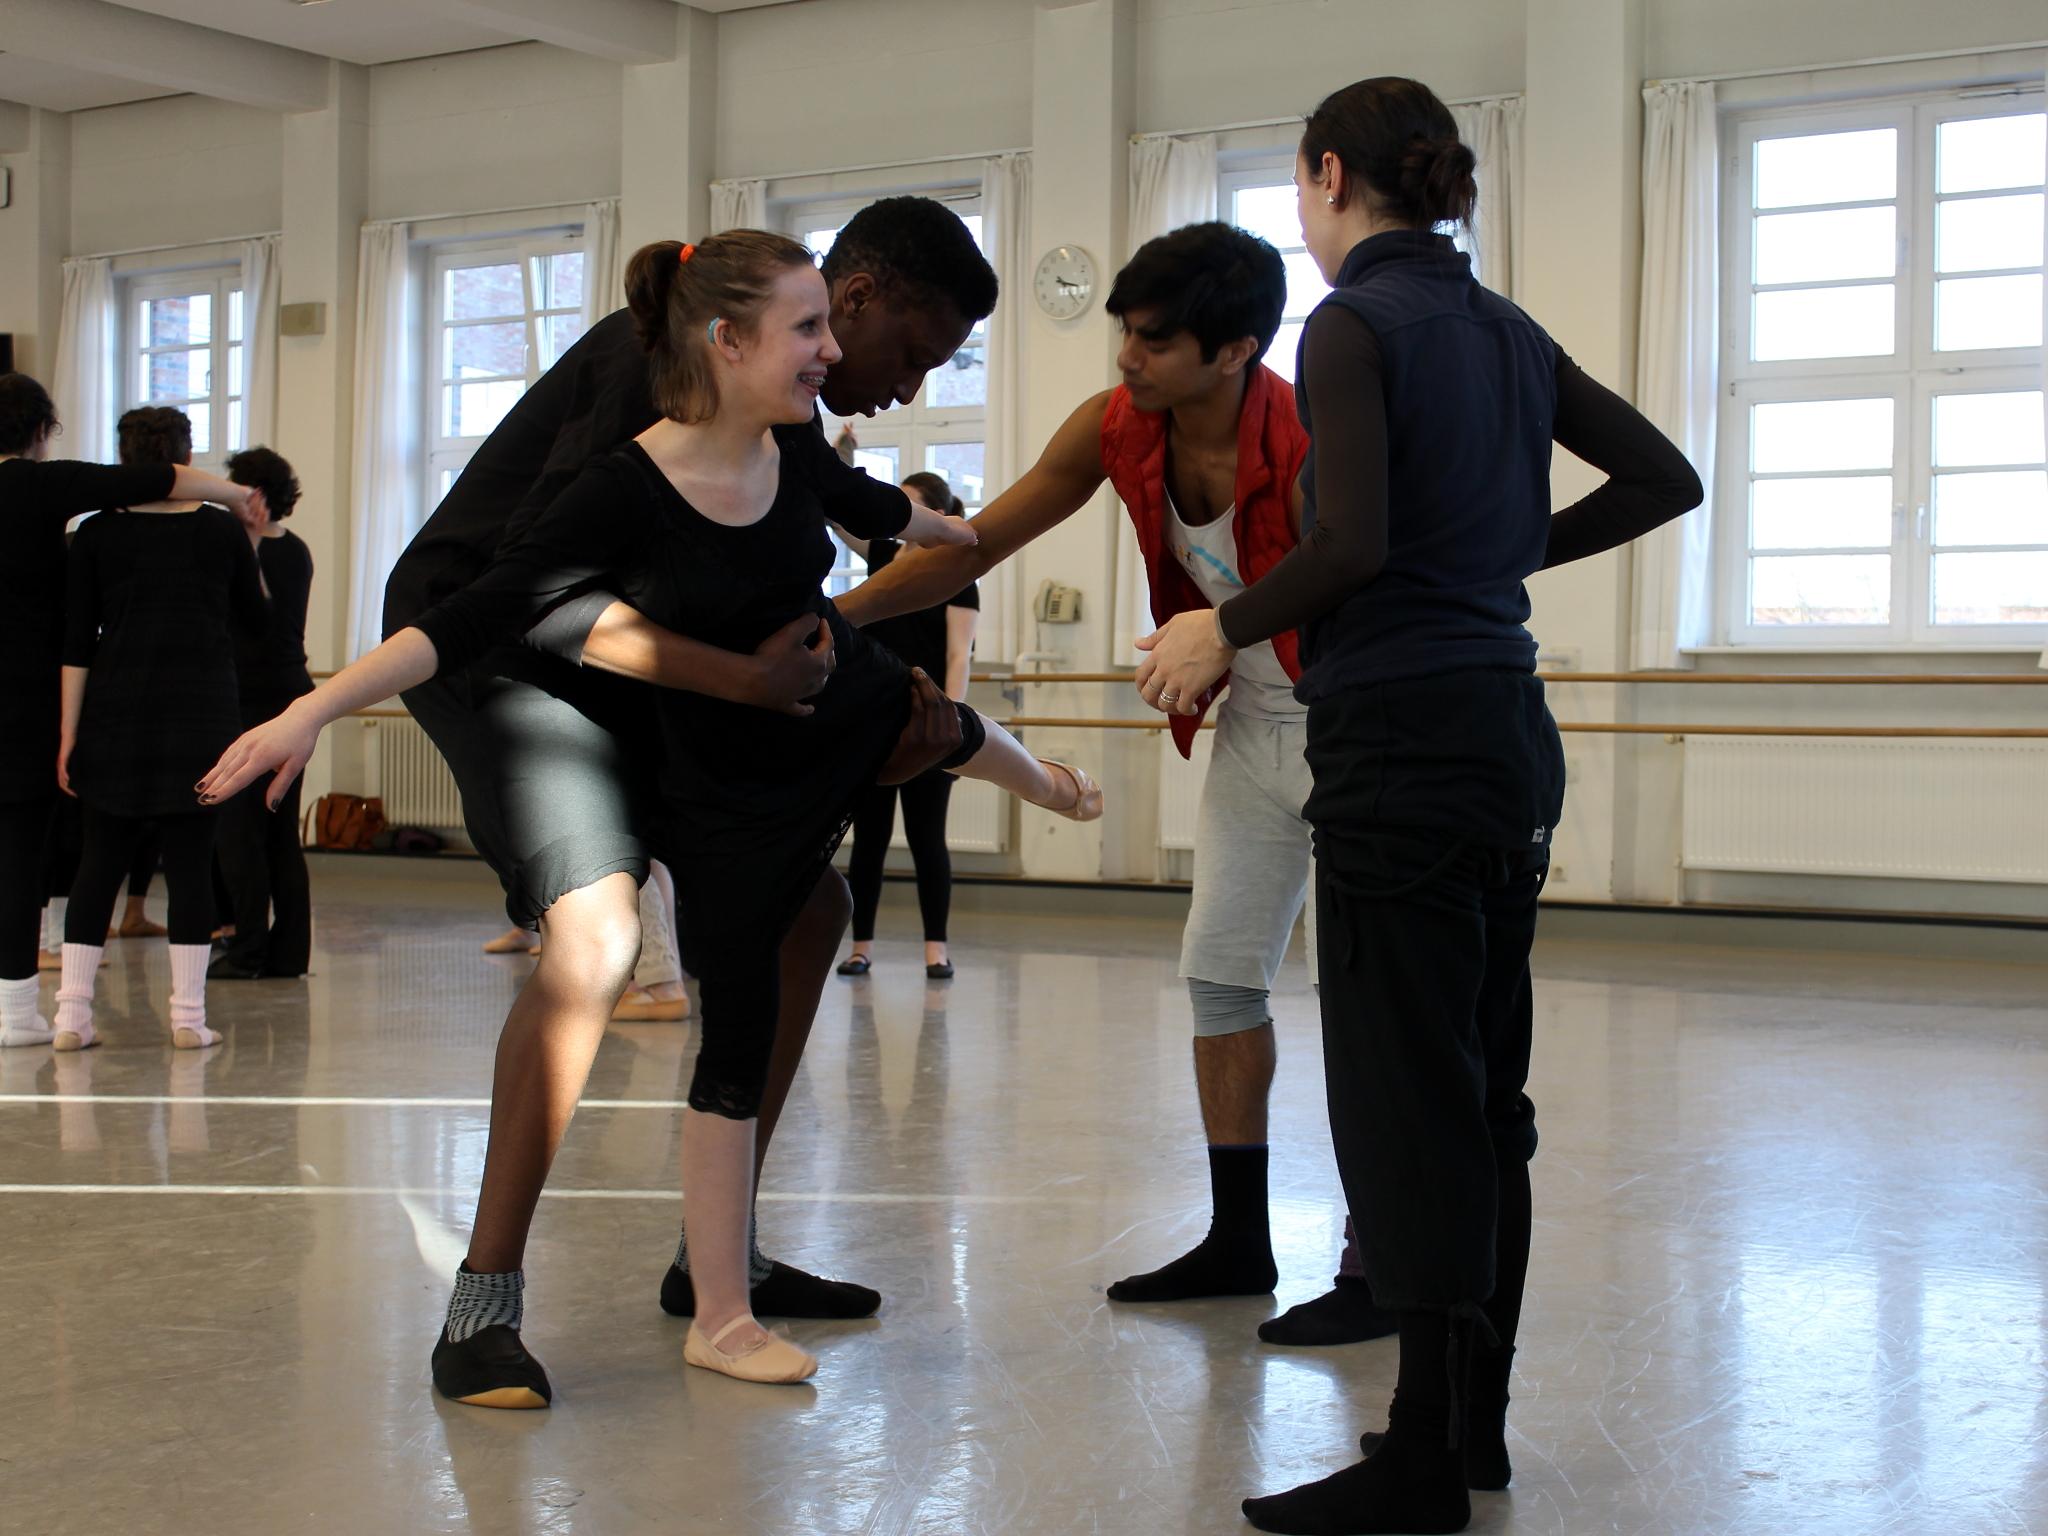 Jugendliche üben in einem Ballettsaal.